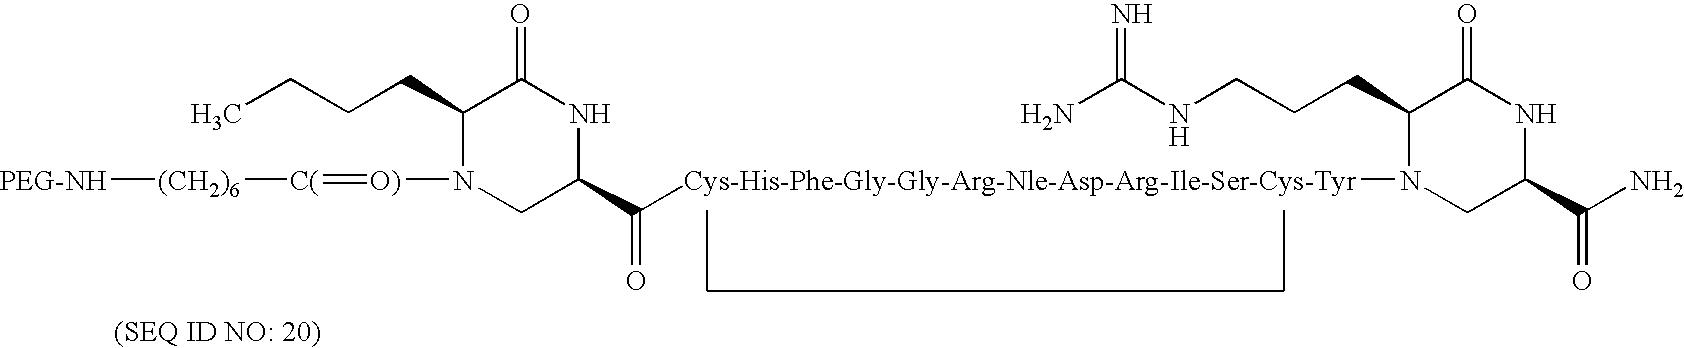 Figure US07622440-20091124-C00396